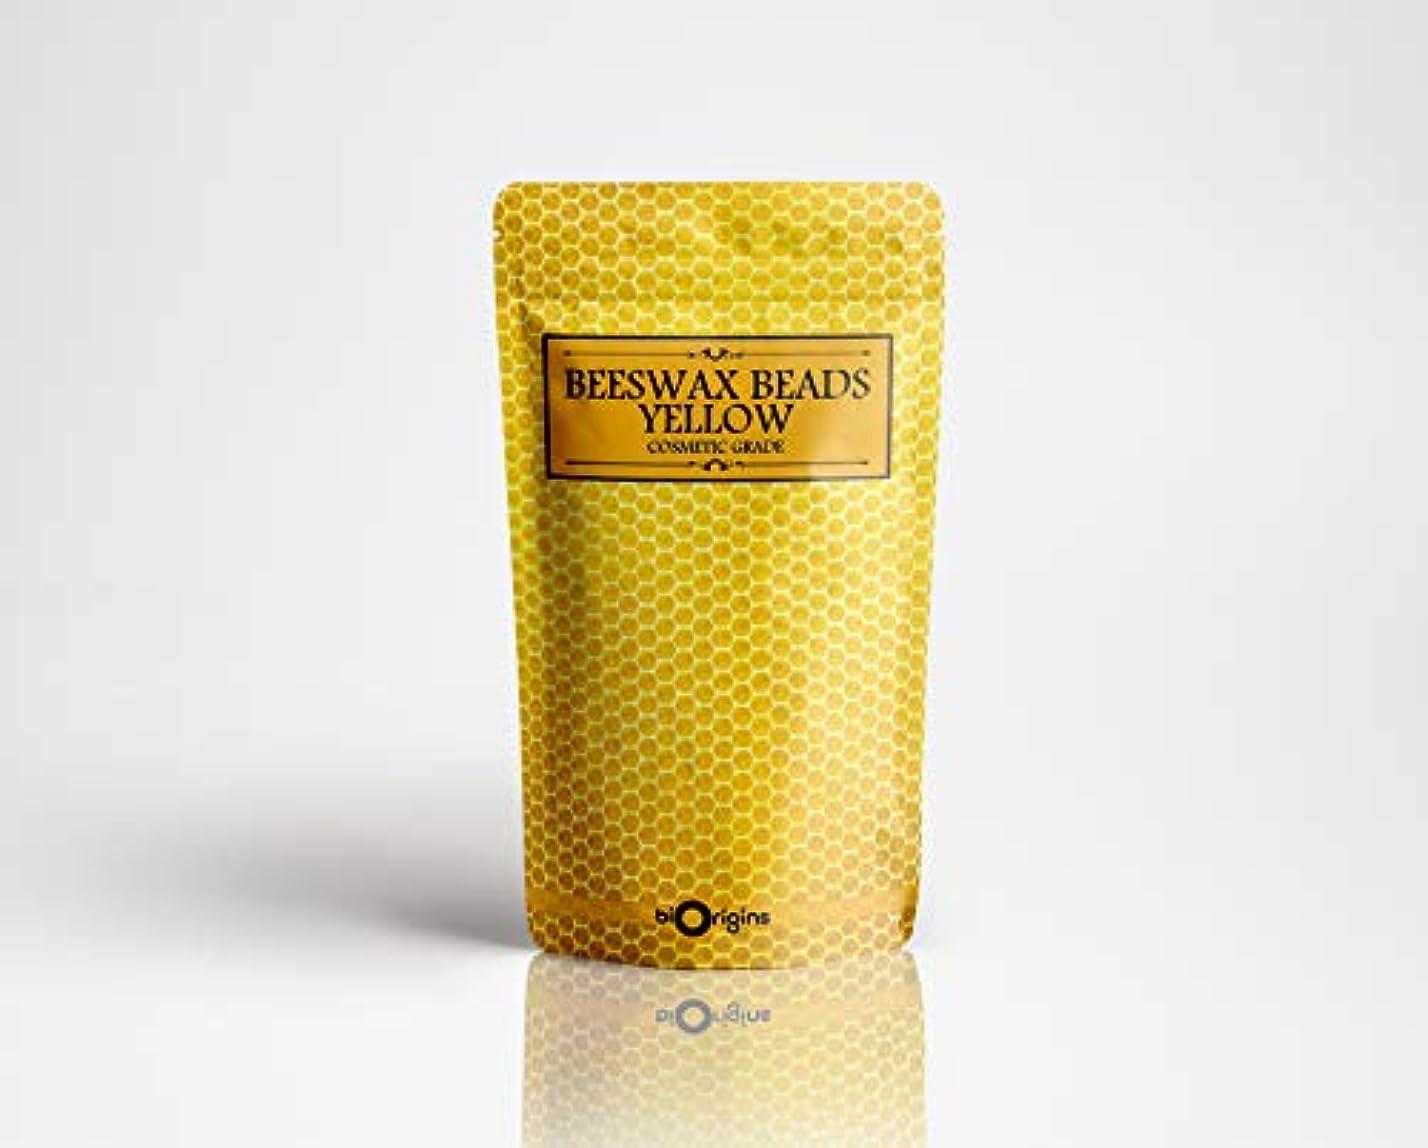 ブラウスエピソード座標Beeswax Beads Yellow - Cosmetic Grade - 100g